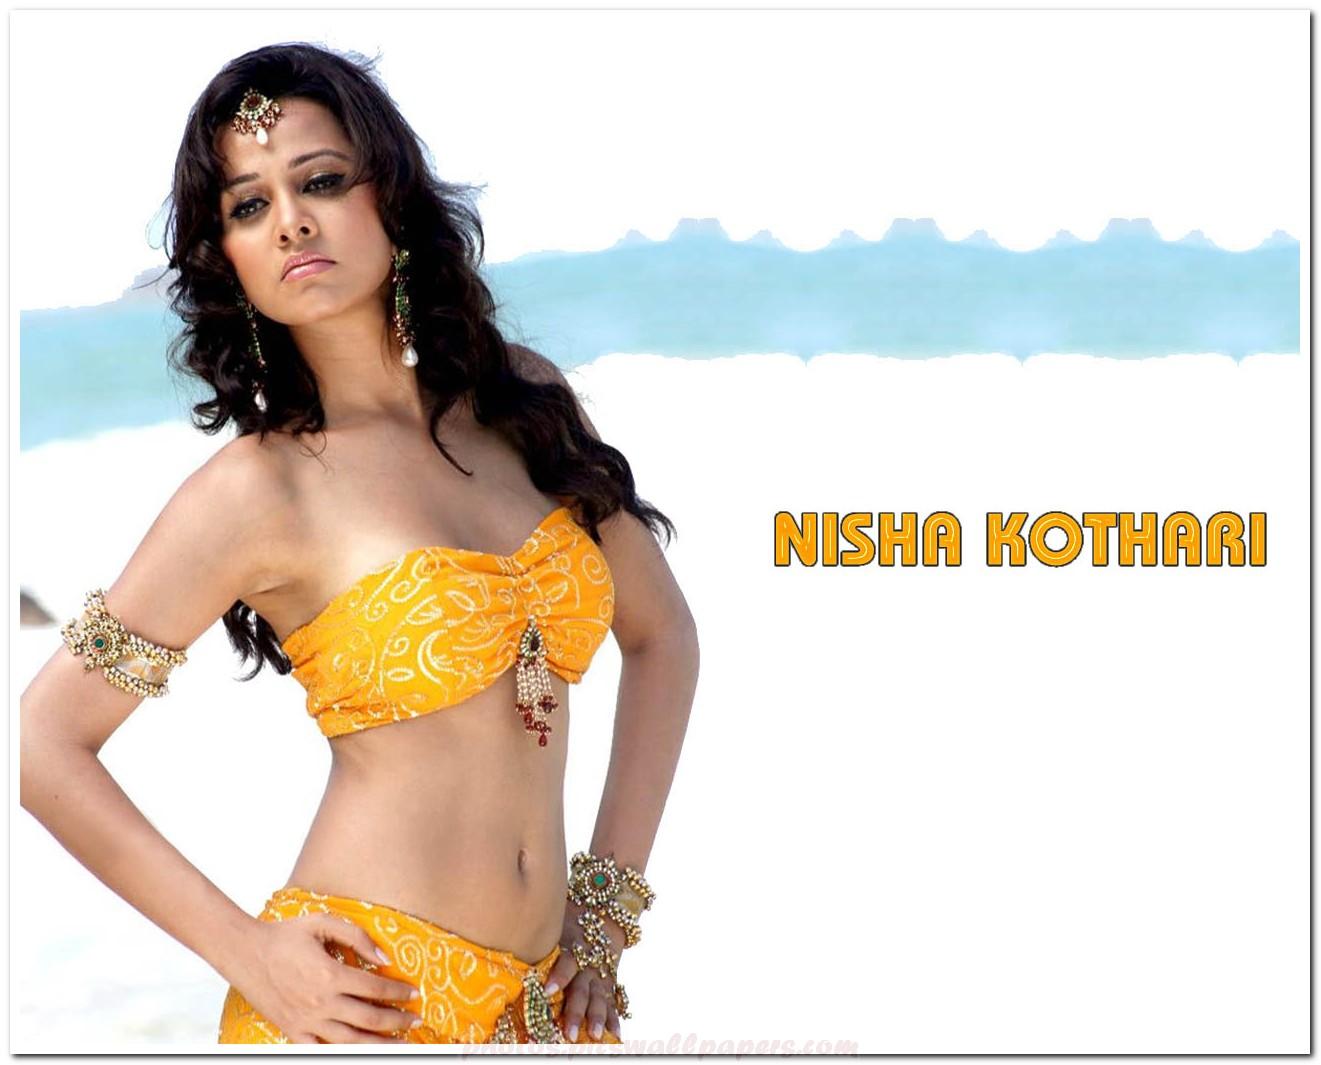 Nisha kothari expose in bikini -